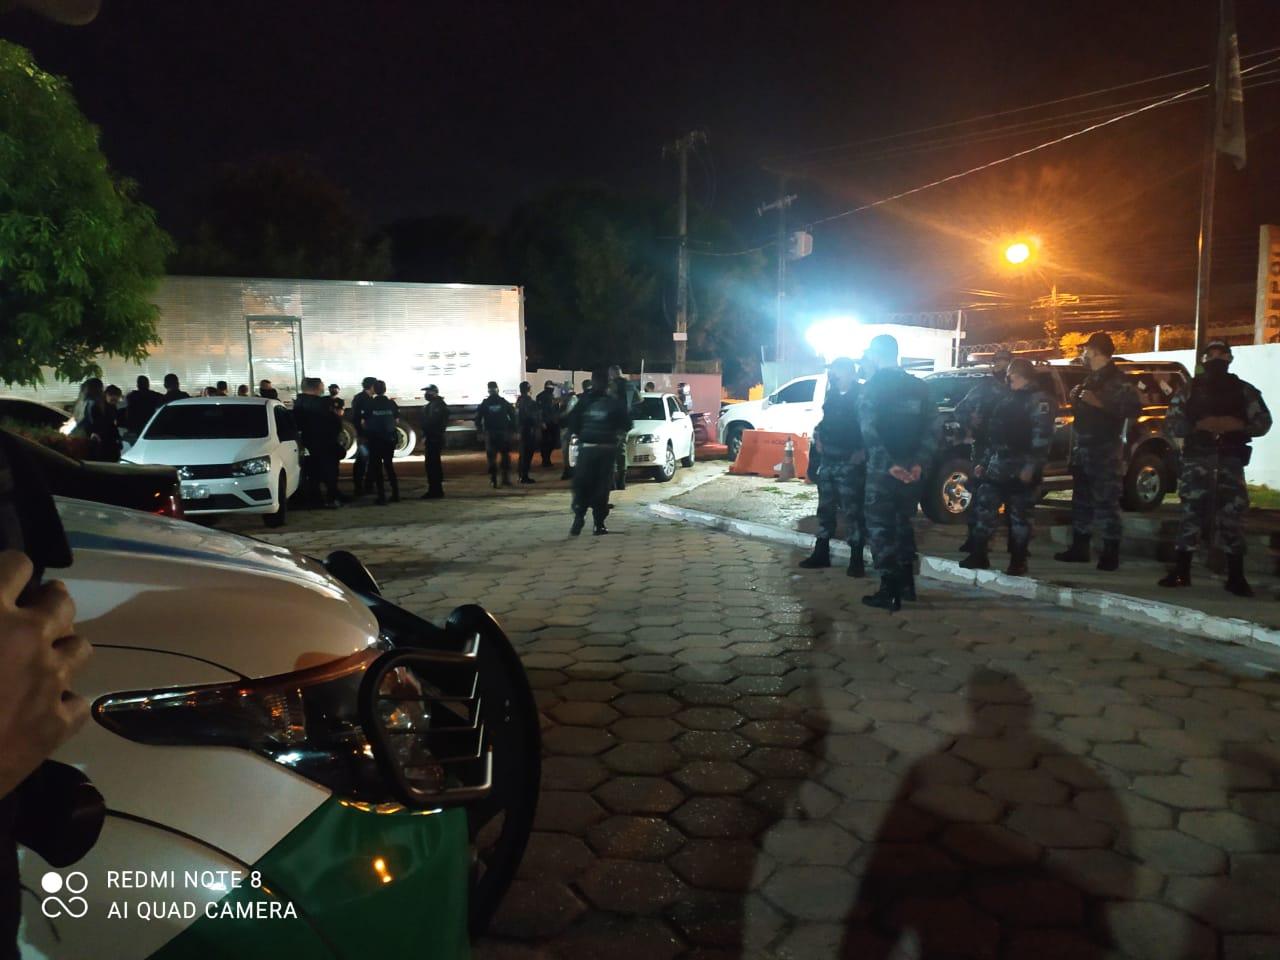 Polícia deflagra operação e cumpre mandados contra o crime organizado no PI - Imagem 1